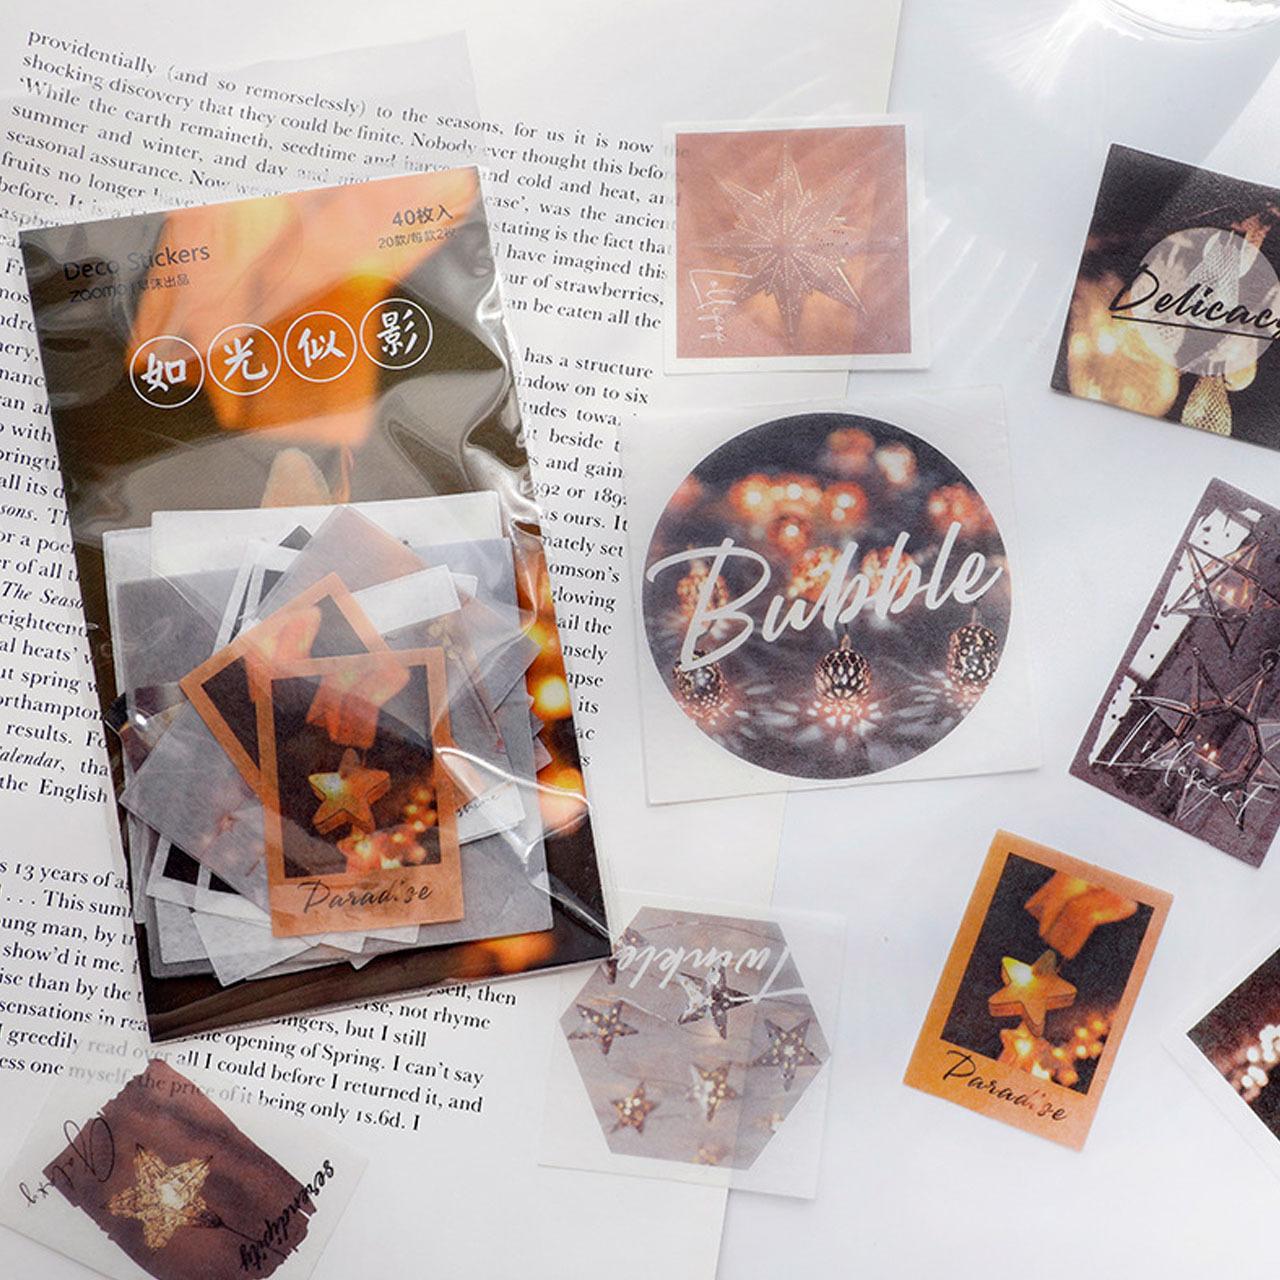 風景画 インスタ風 ステッカー 全8種 シール 絵画 月 星 光 花 デザイン 海外製 ほぼ日手帳 コラージュ 手帳 C12